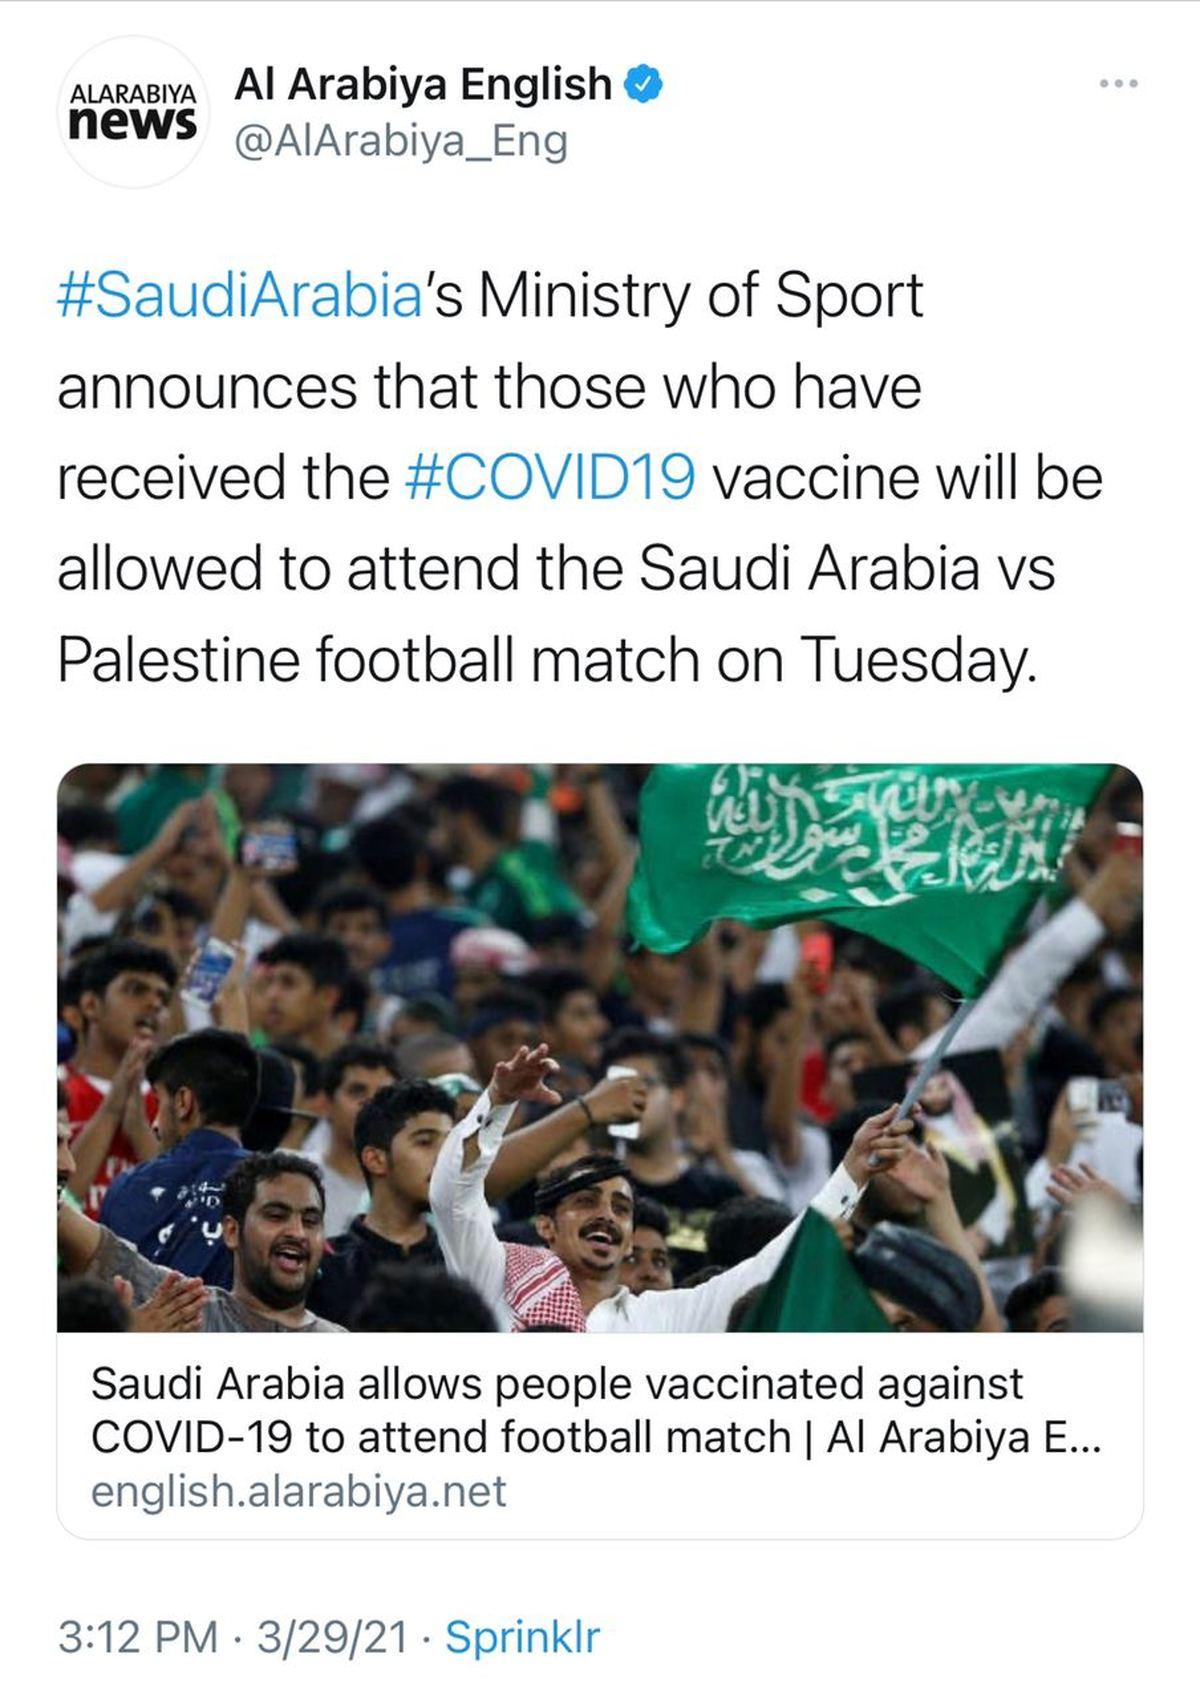 پس از ۲ سال تماشاگران فوتبال به استادیومها بر میگردند